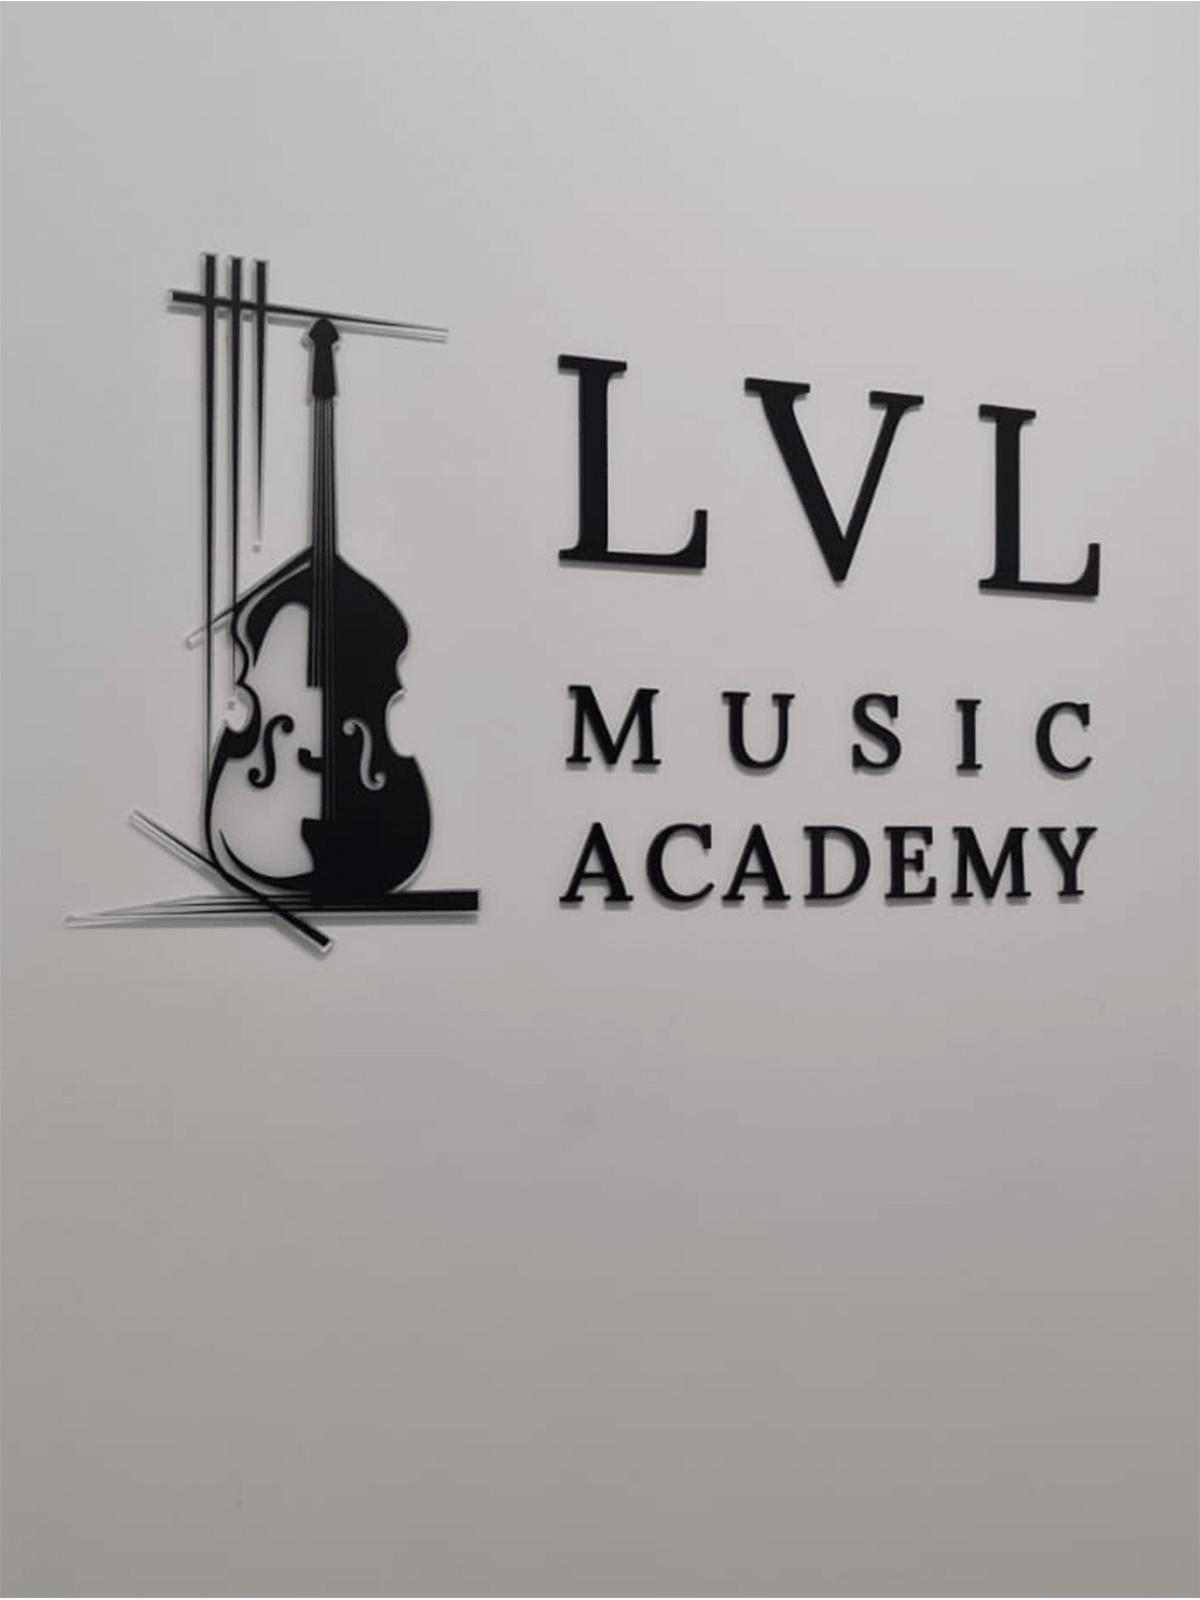 lvl music academy